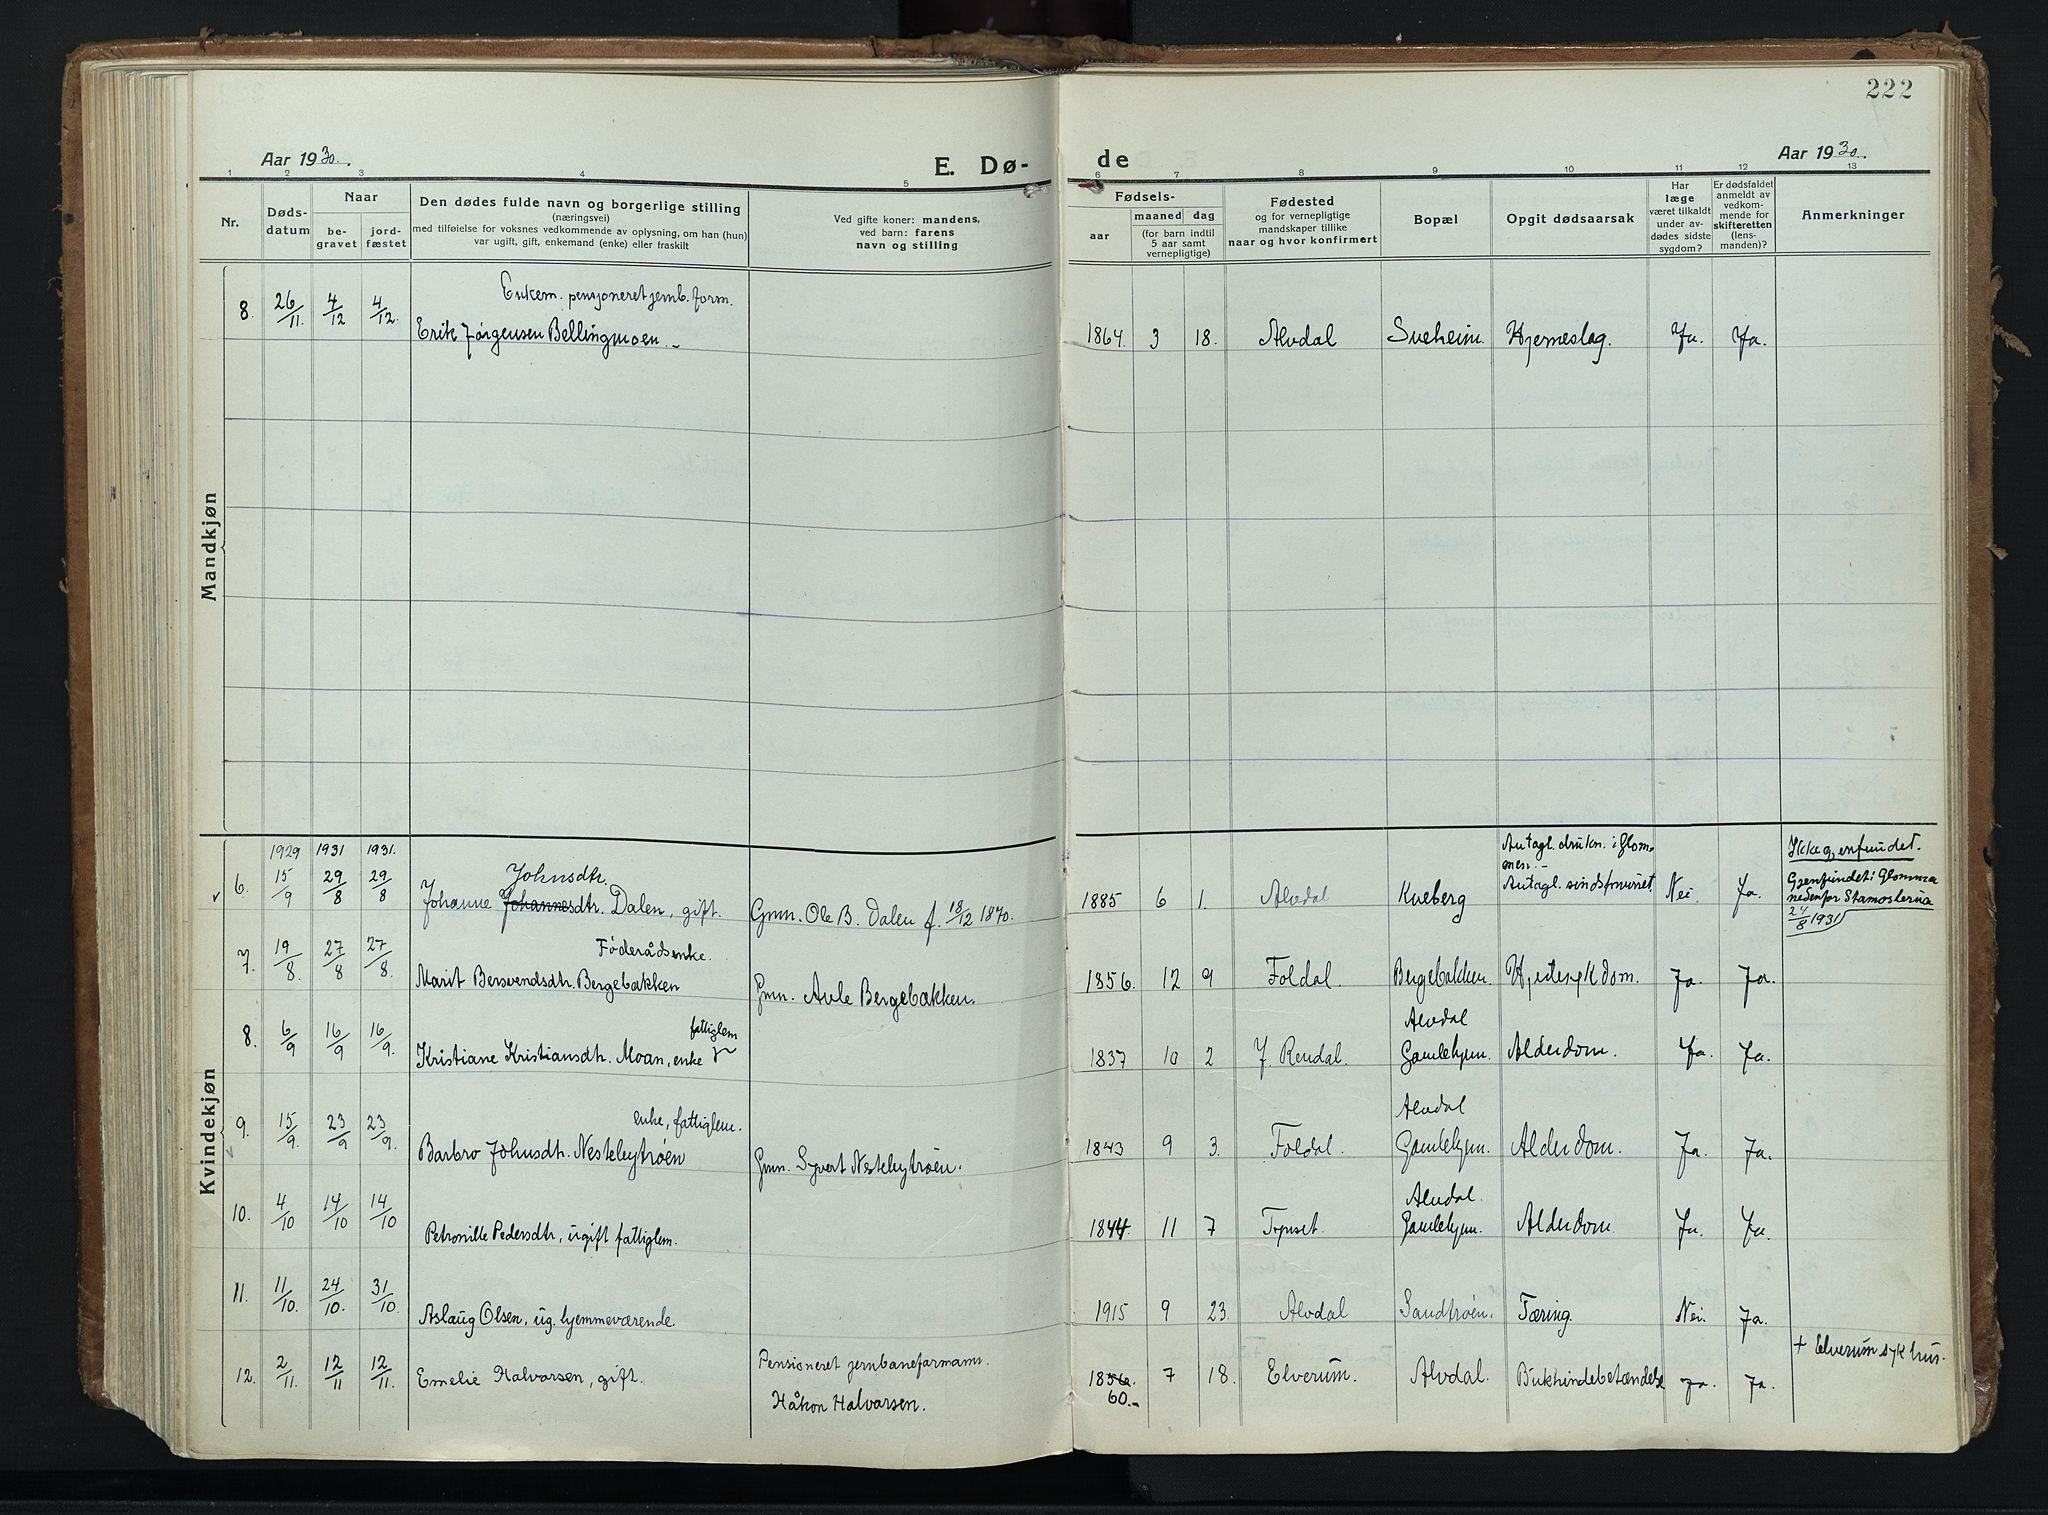 SAH, Alvdal prestekontor, Parish register (official) no. 6, 1920-1937, p. 222